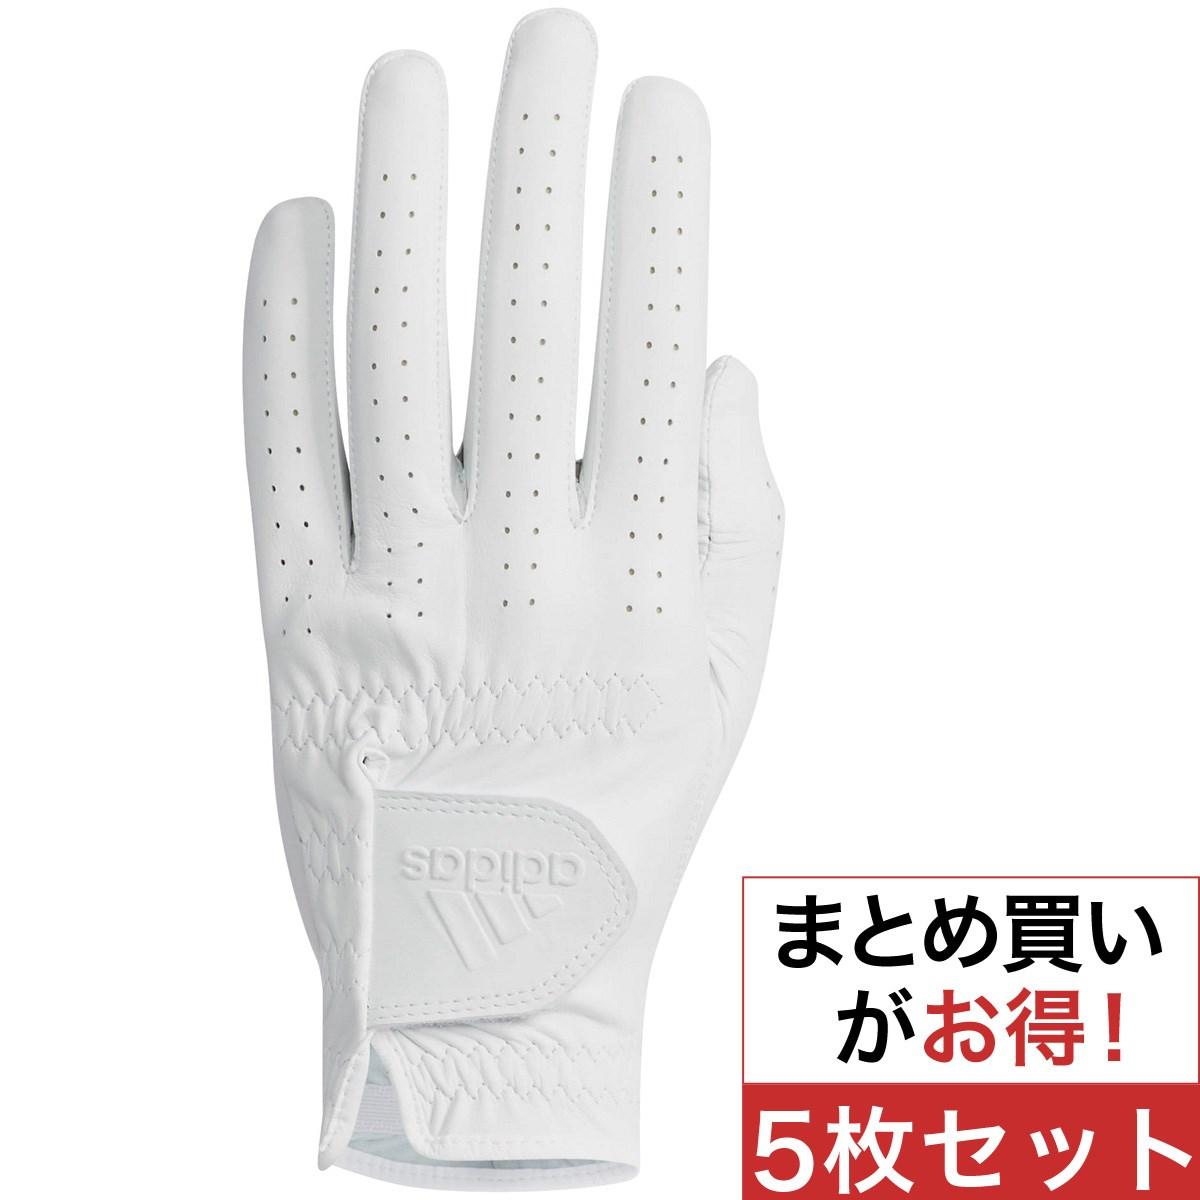 アディダス(adidas) ULTIMATE Leather グローブ 5枚セット